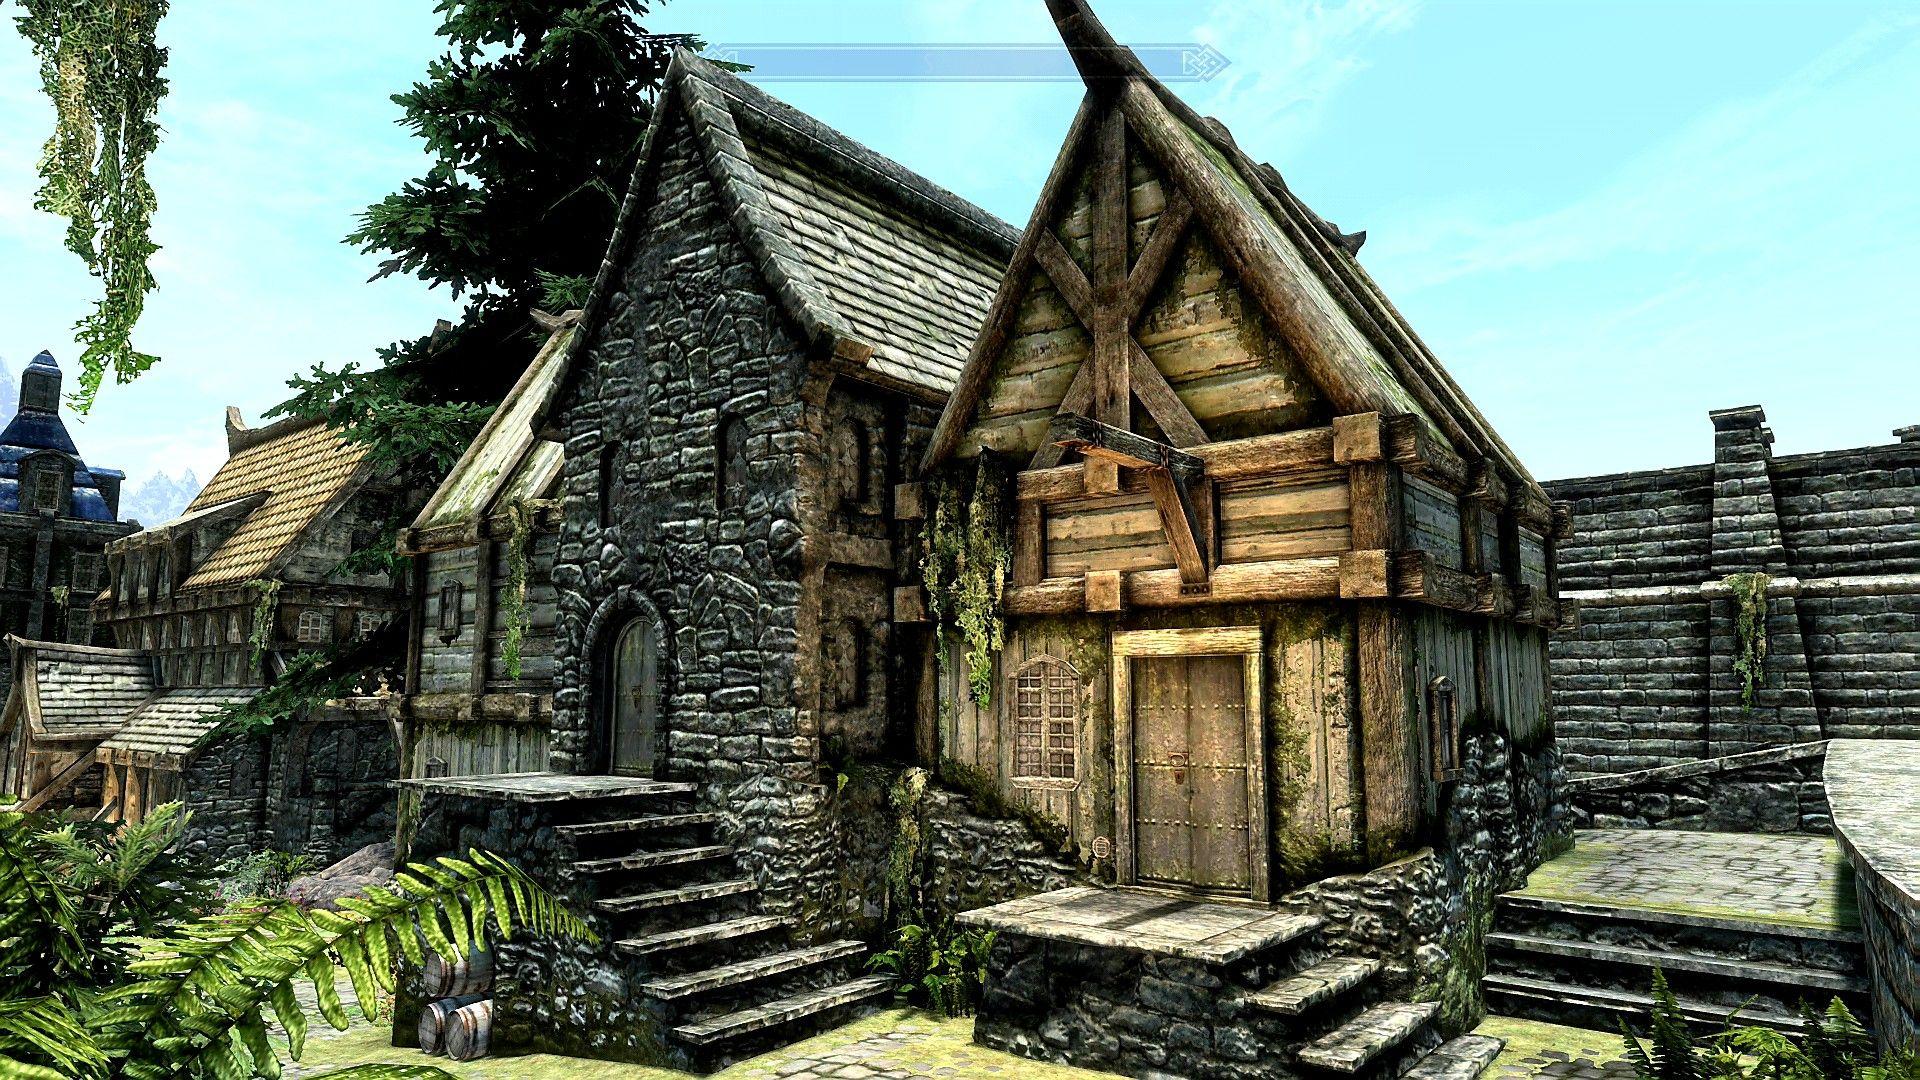 d7ef7b1fb9af632bdc5cb15185ad93e8 - How To Get A House In Solitude In Skyrim